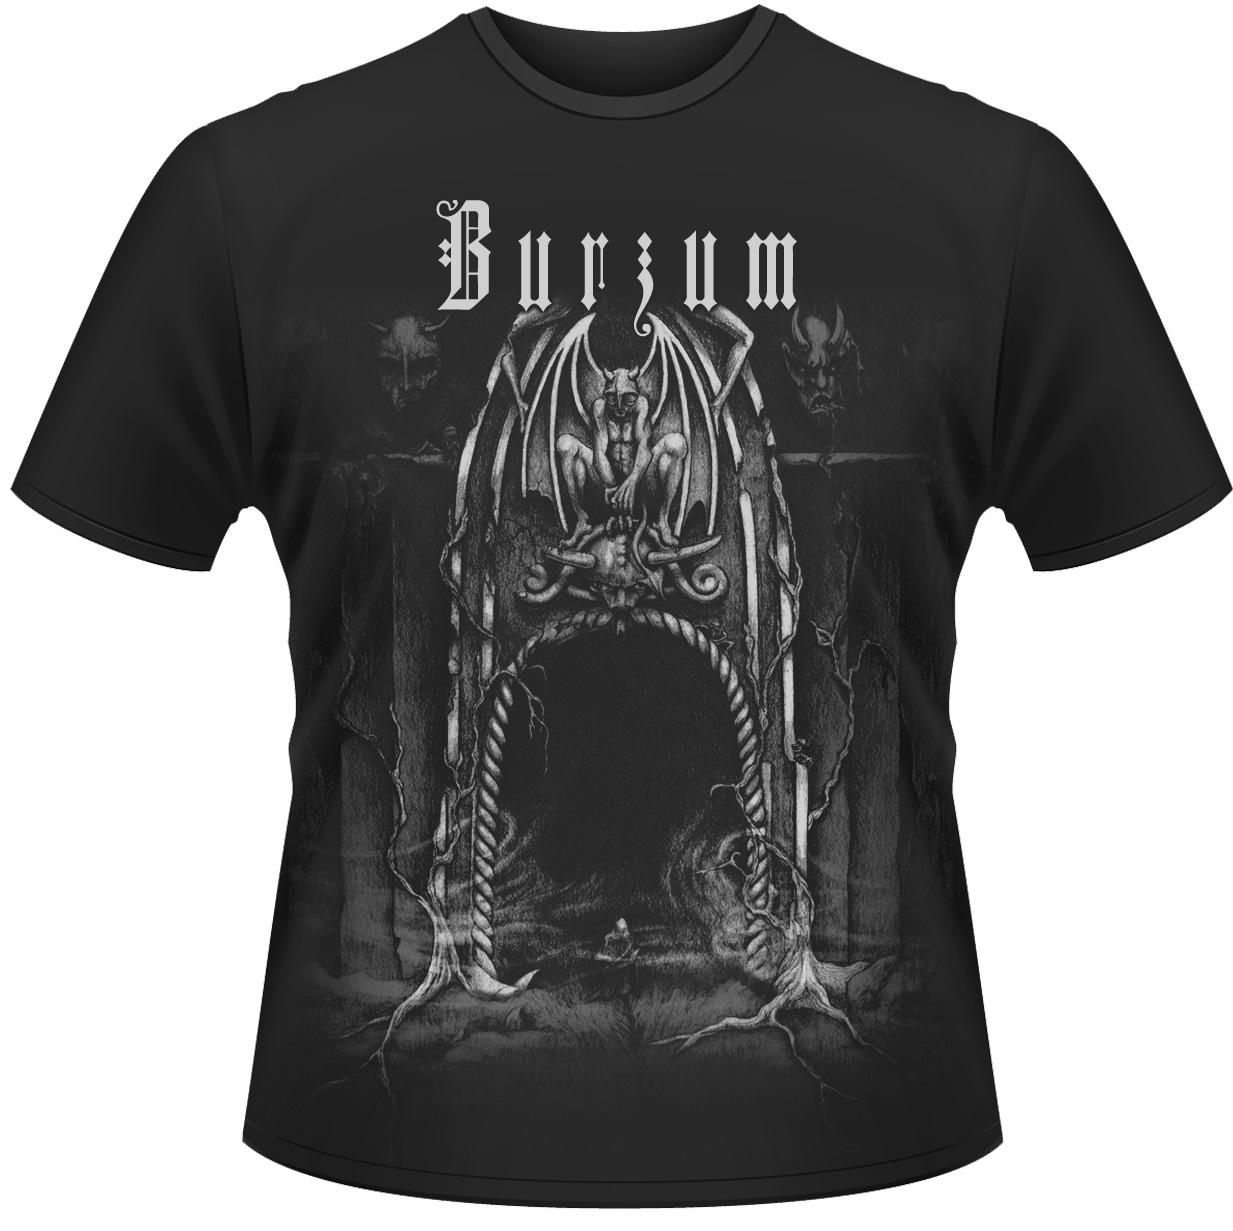 Burzum 'From The Depths Of Darkness' T-Shirt - NEW ...